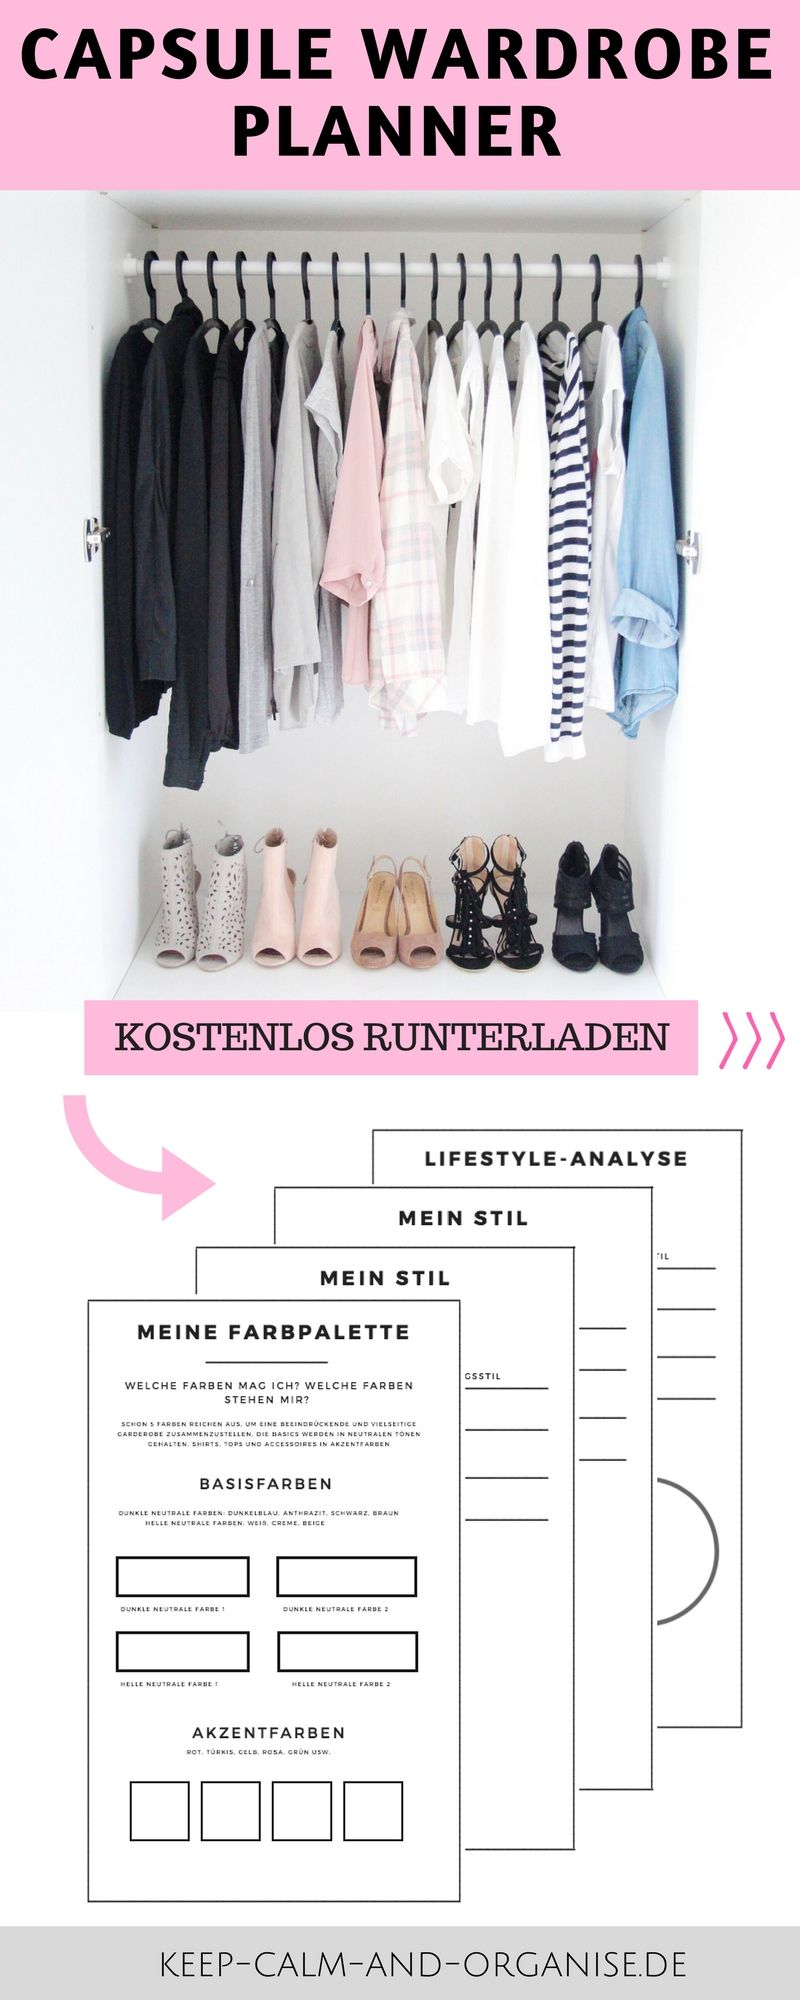 Minimalistische garderobe capsue wardrobe minimalismus for Minimalismus kleidung